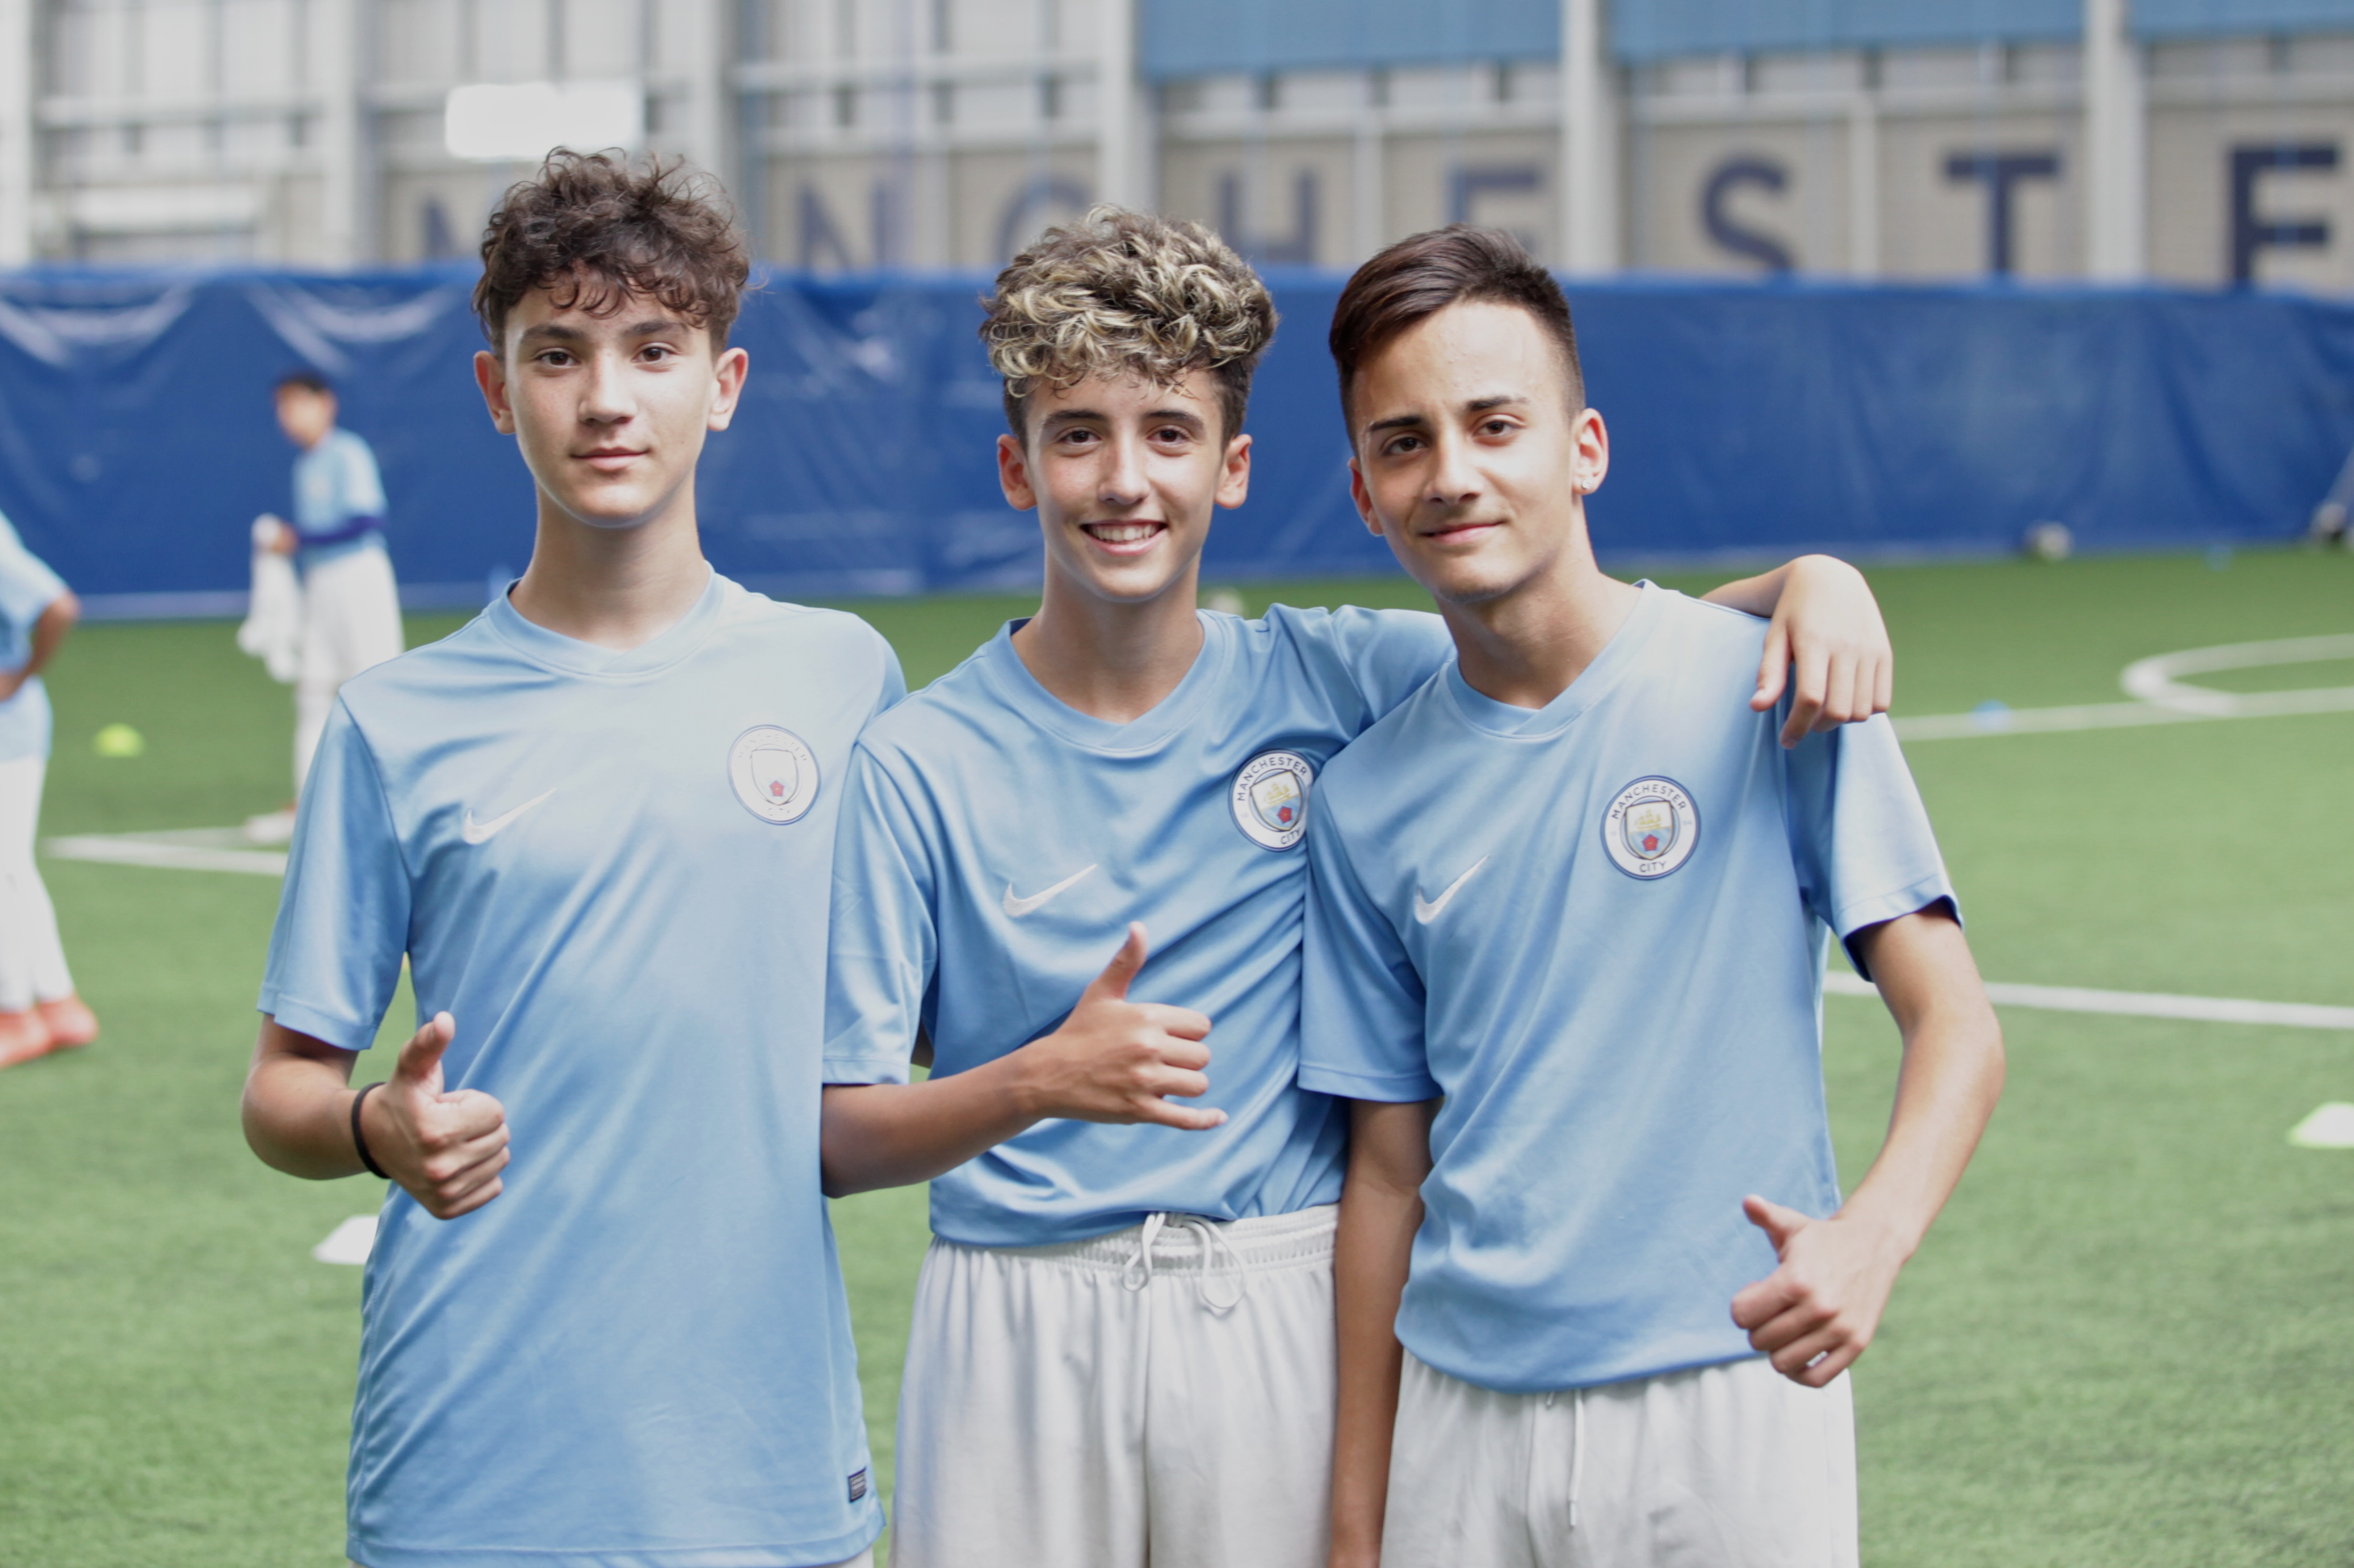 City Football Course Photos 2018 (14)